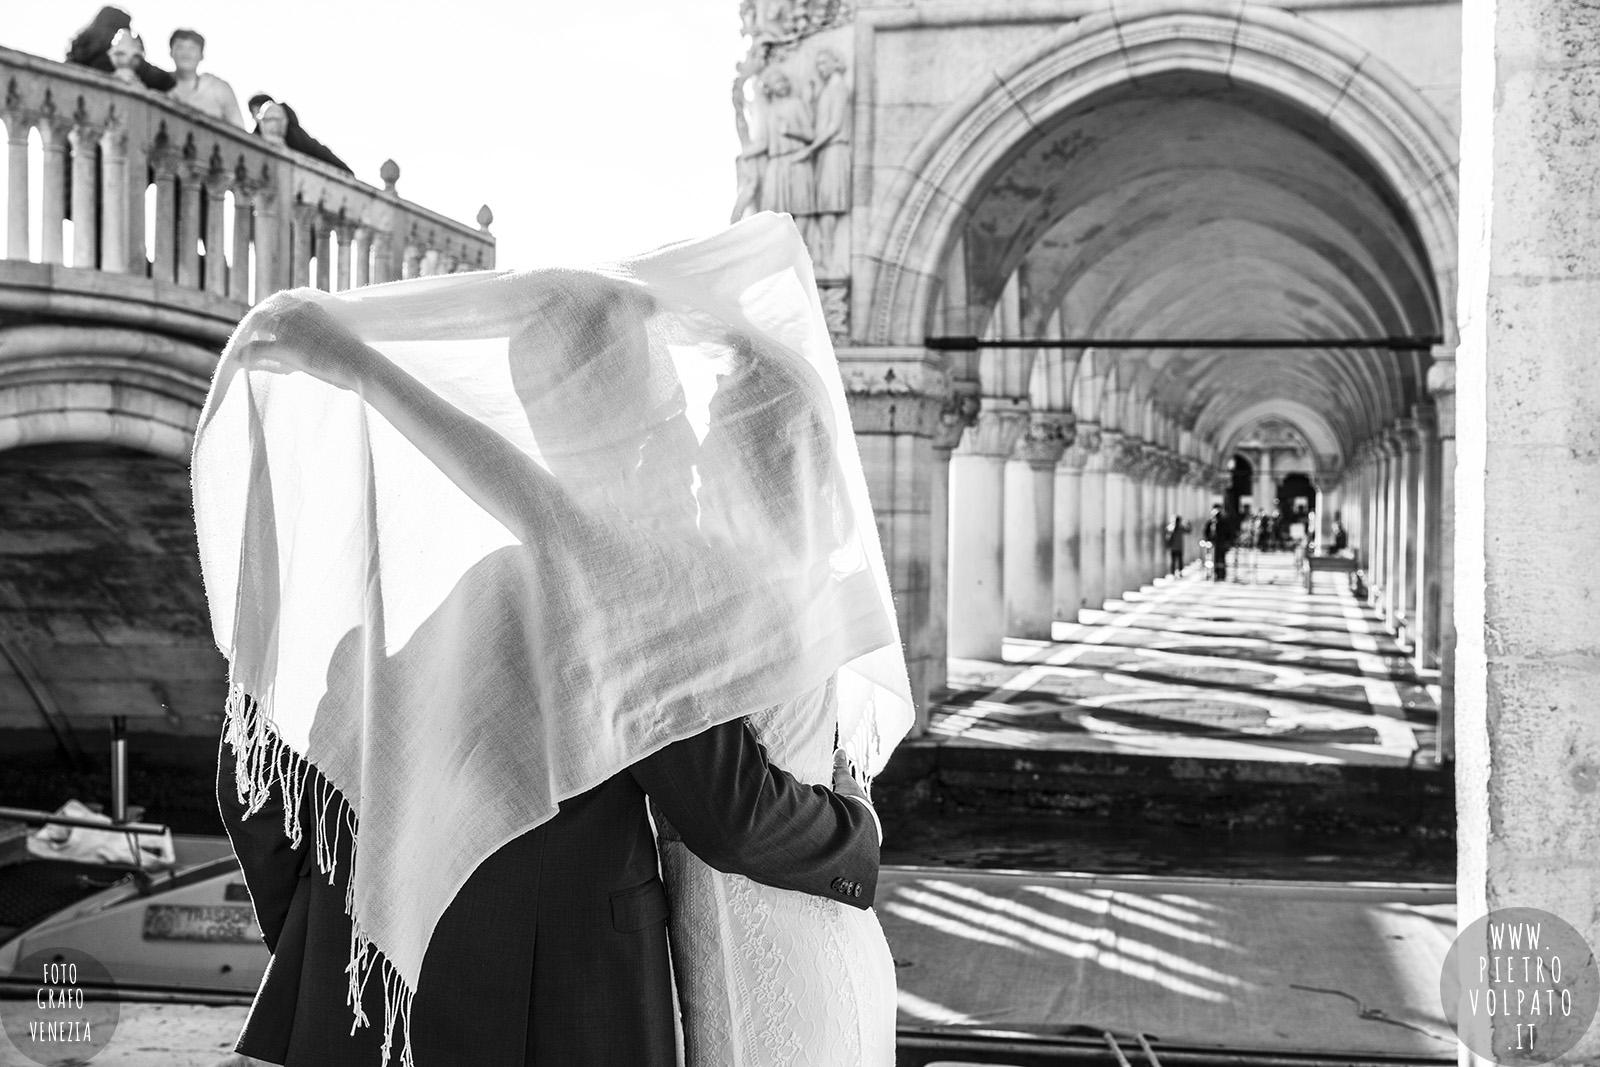 fotografo venezia servizio foto sposi luna di miele coppia vacanza viaggio di nozze